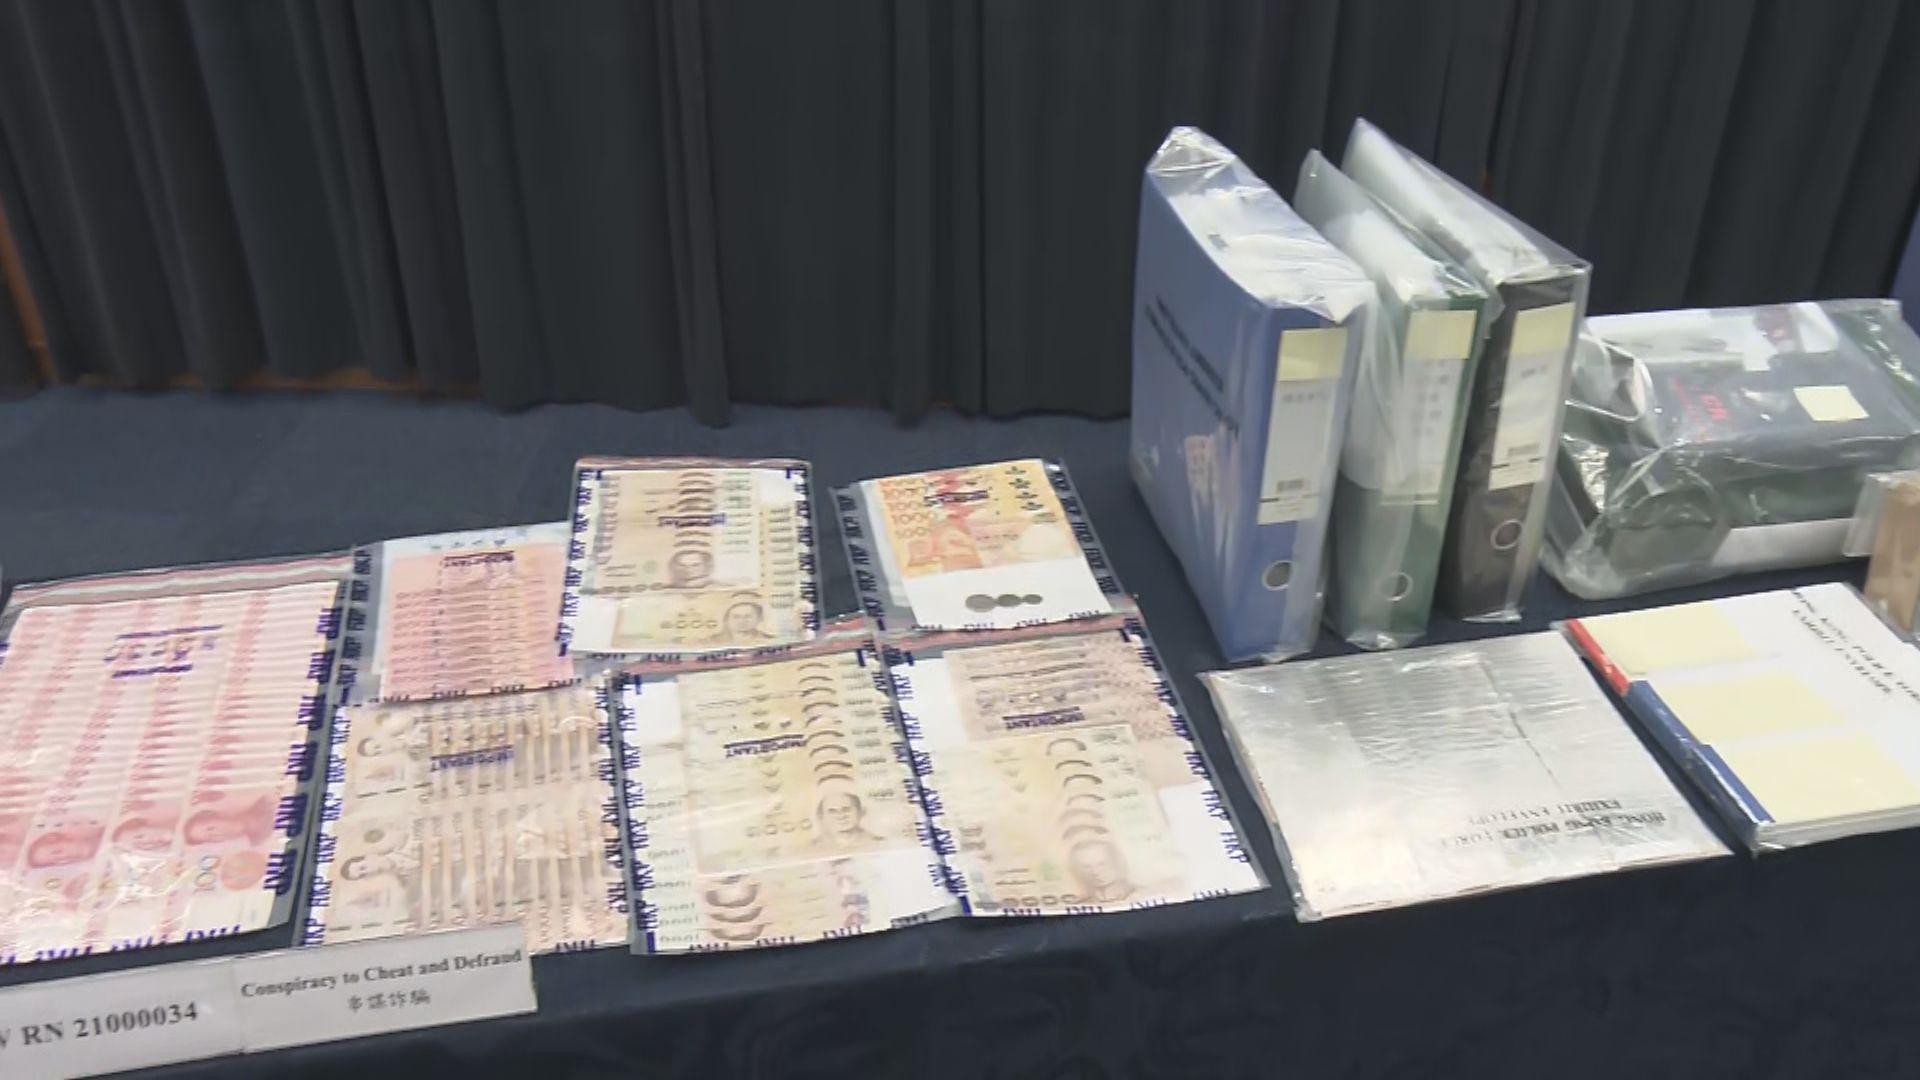 警方偵破投資騙案涉款逾億元 拘捕七人